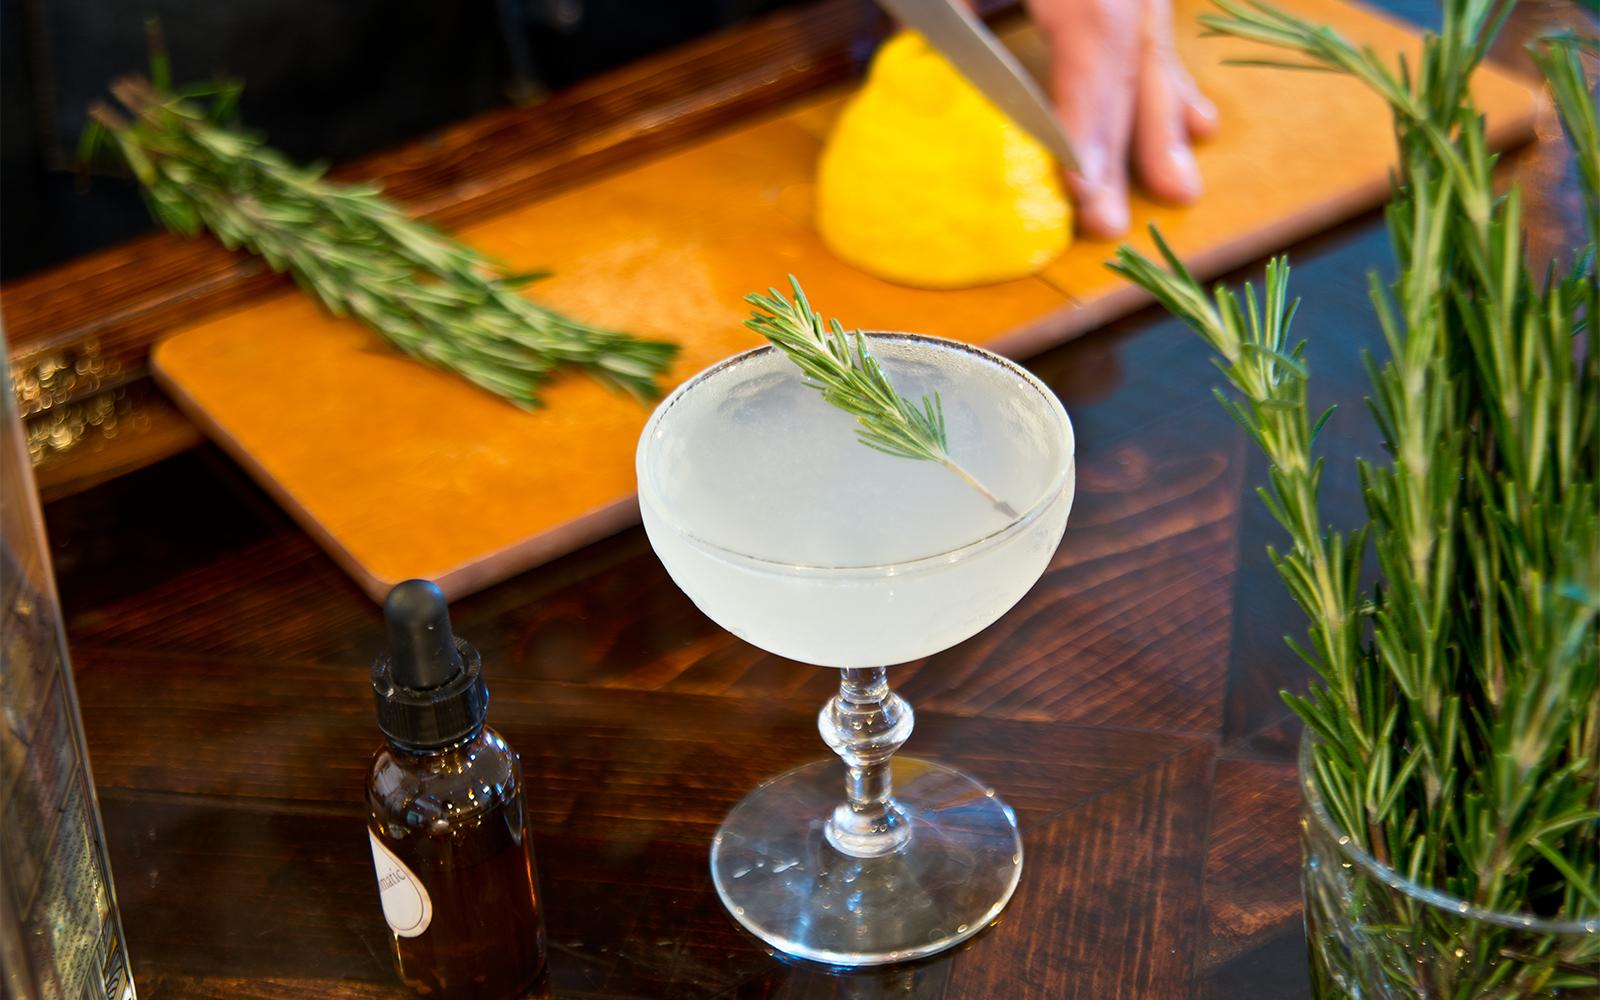 Loon Liquors martini. Photo by Bill Kelley